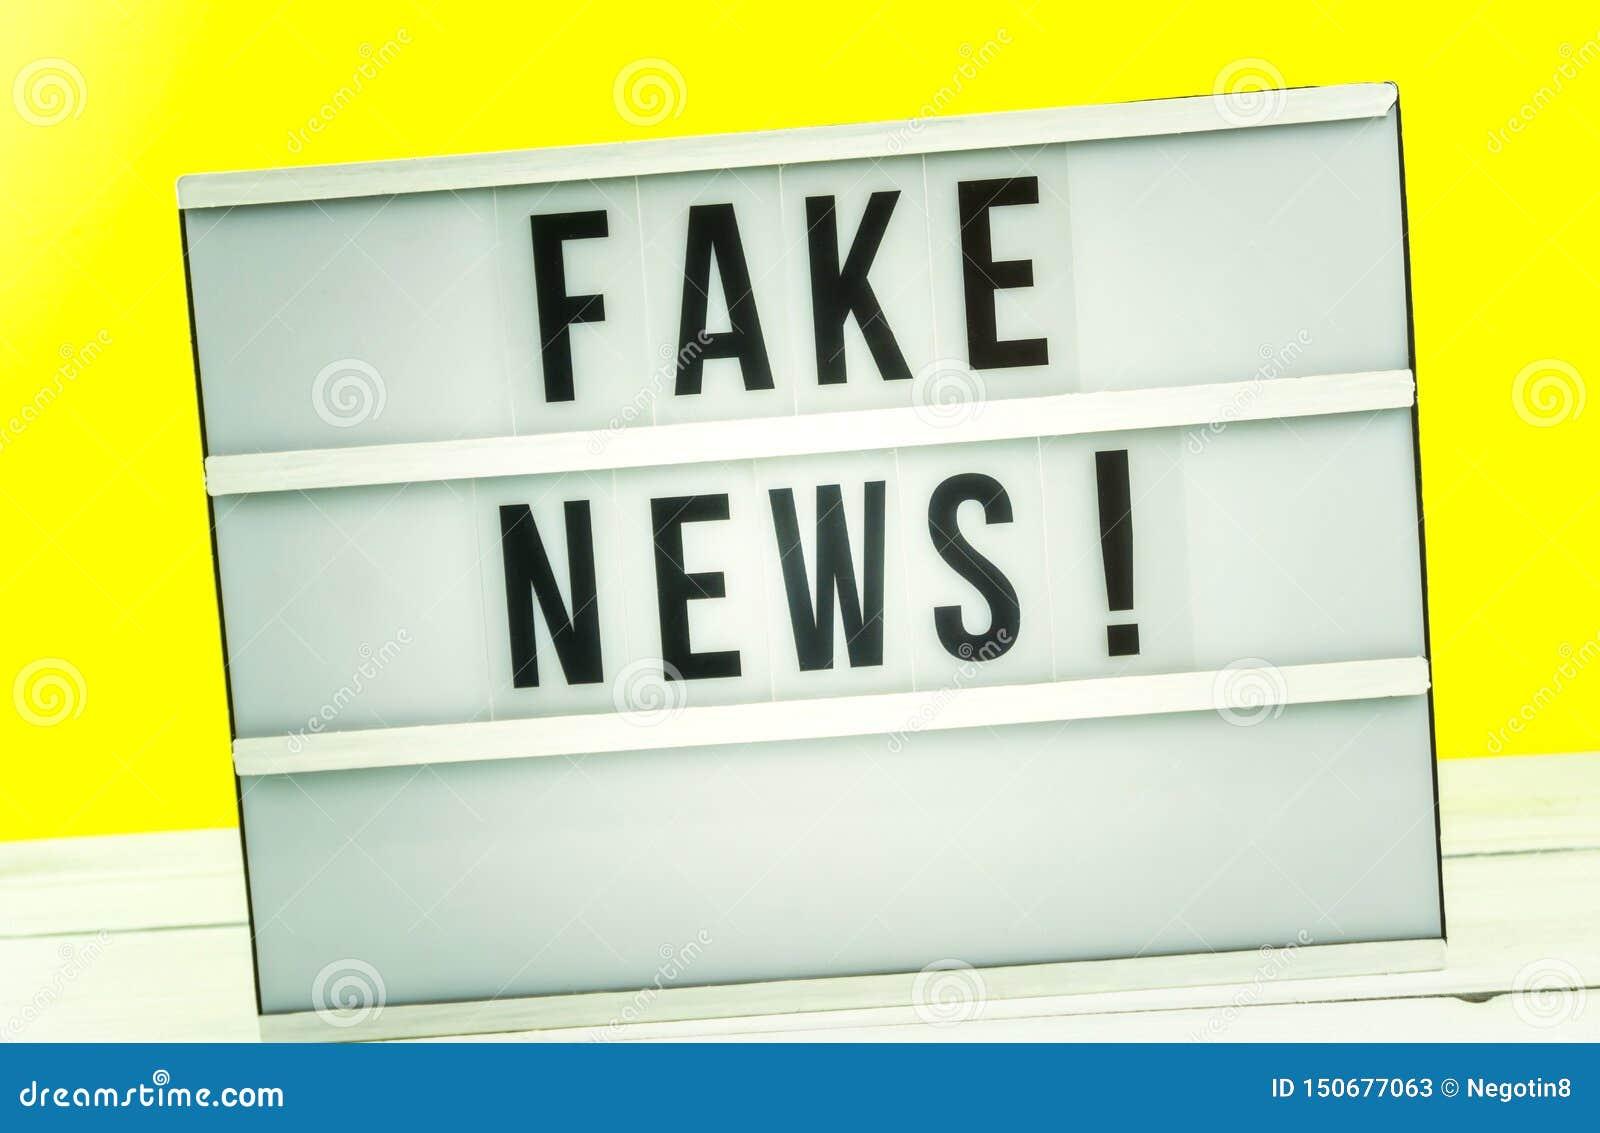 Scatola leggera con le notizie false del titolo con contro fondo giallo